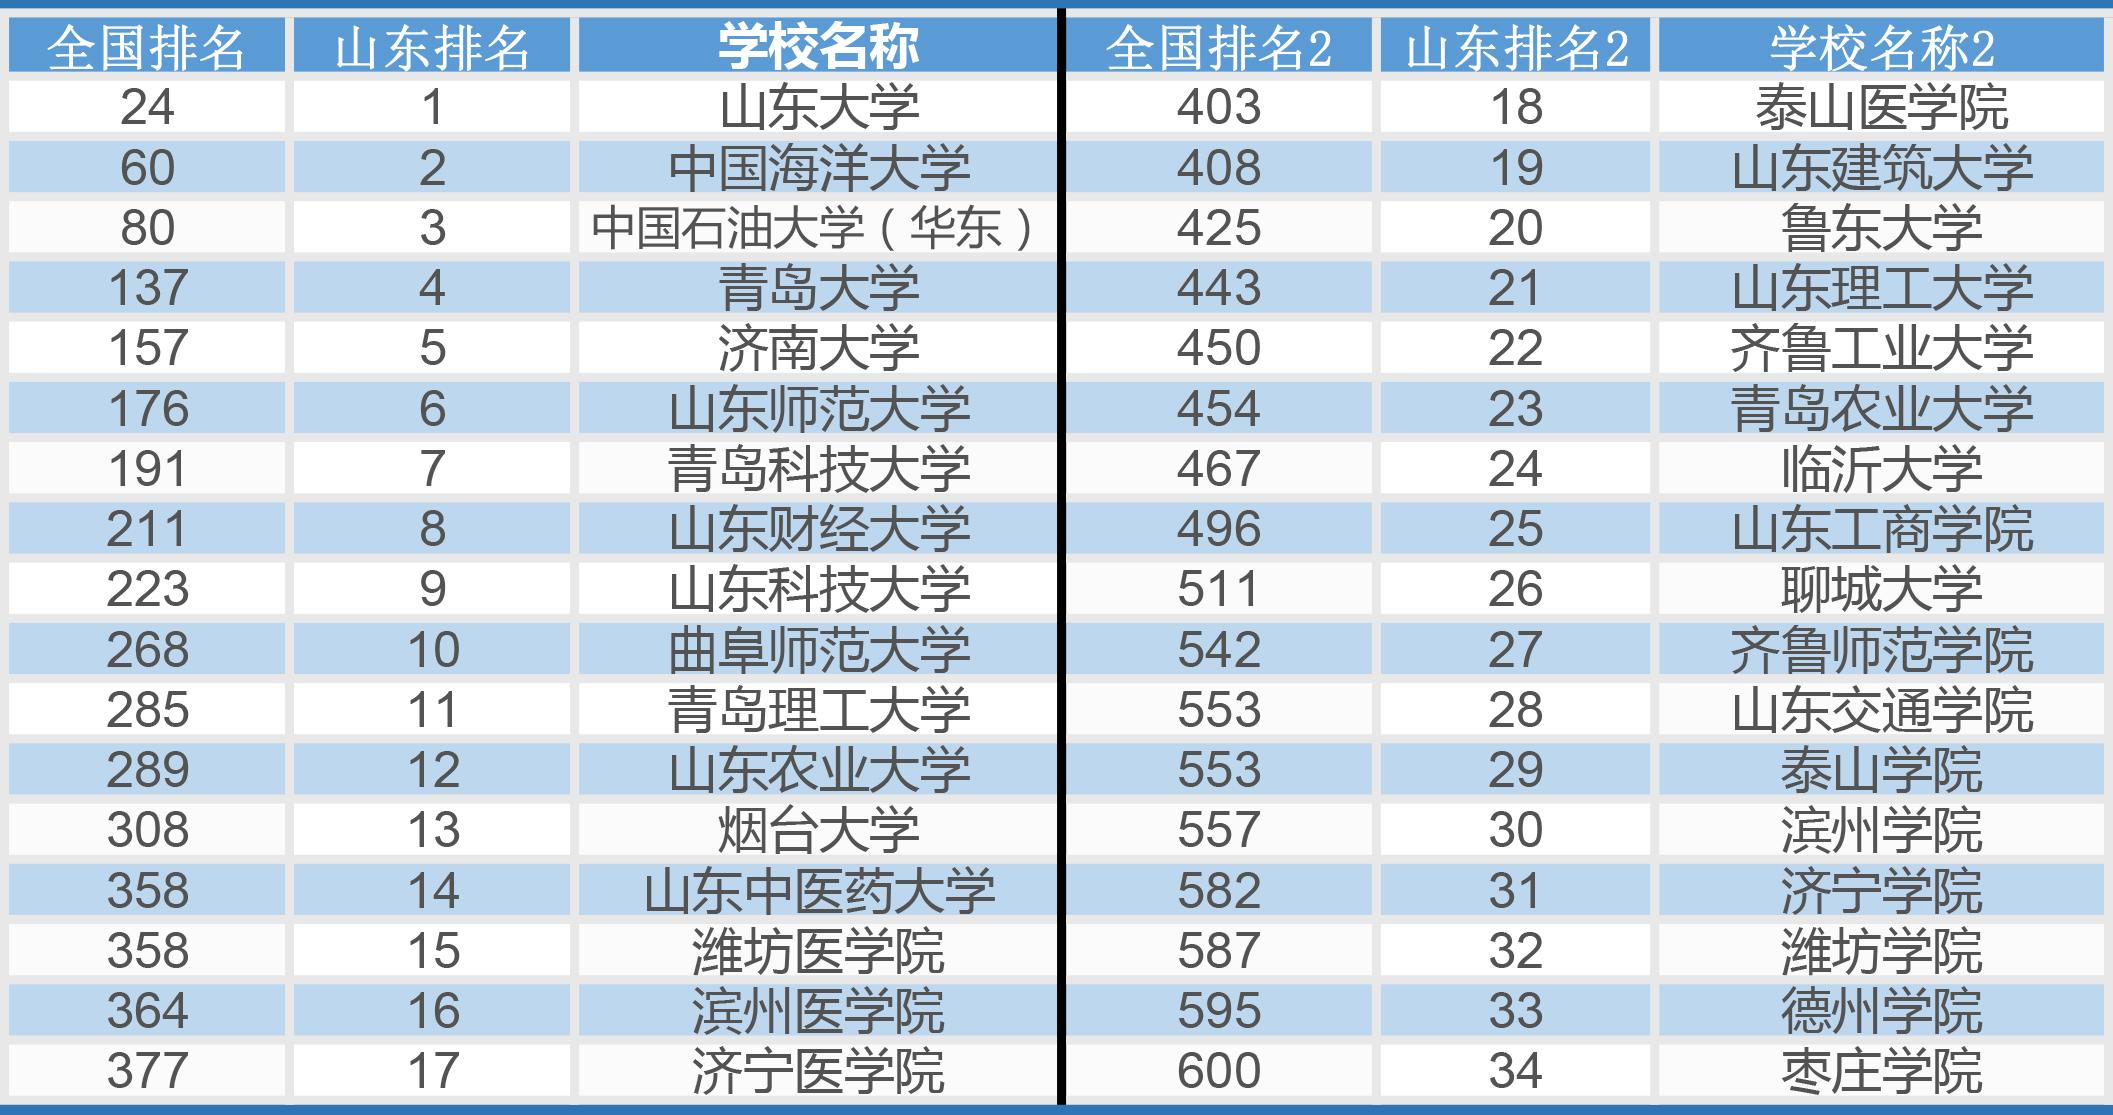 高校排名_山东高校排名最新排名